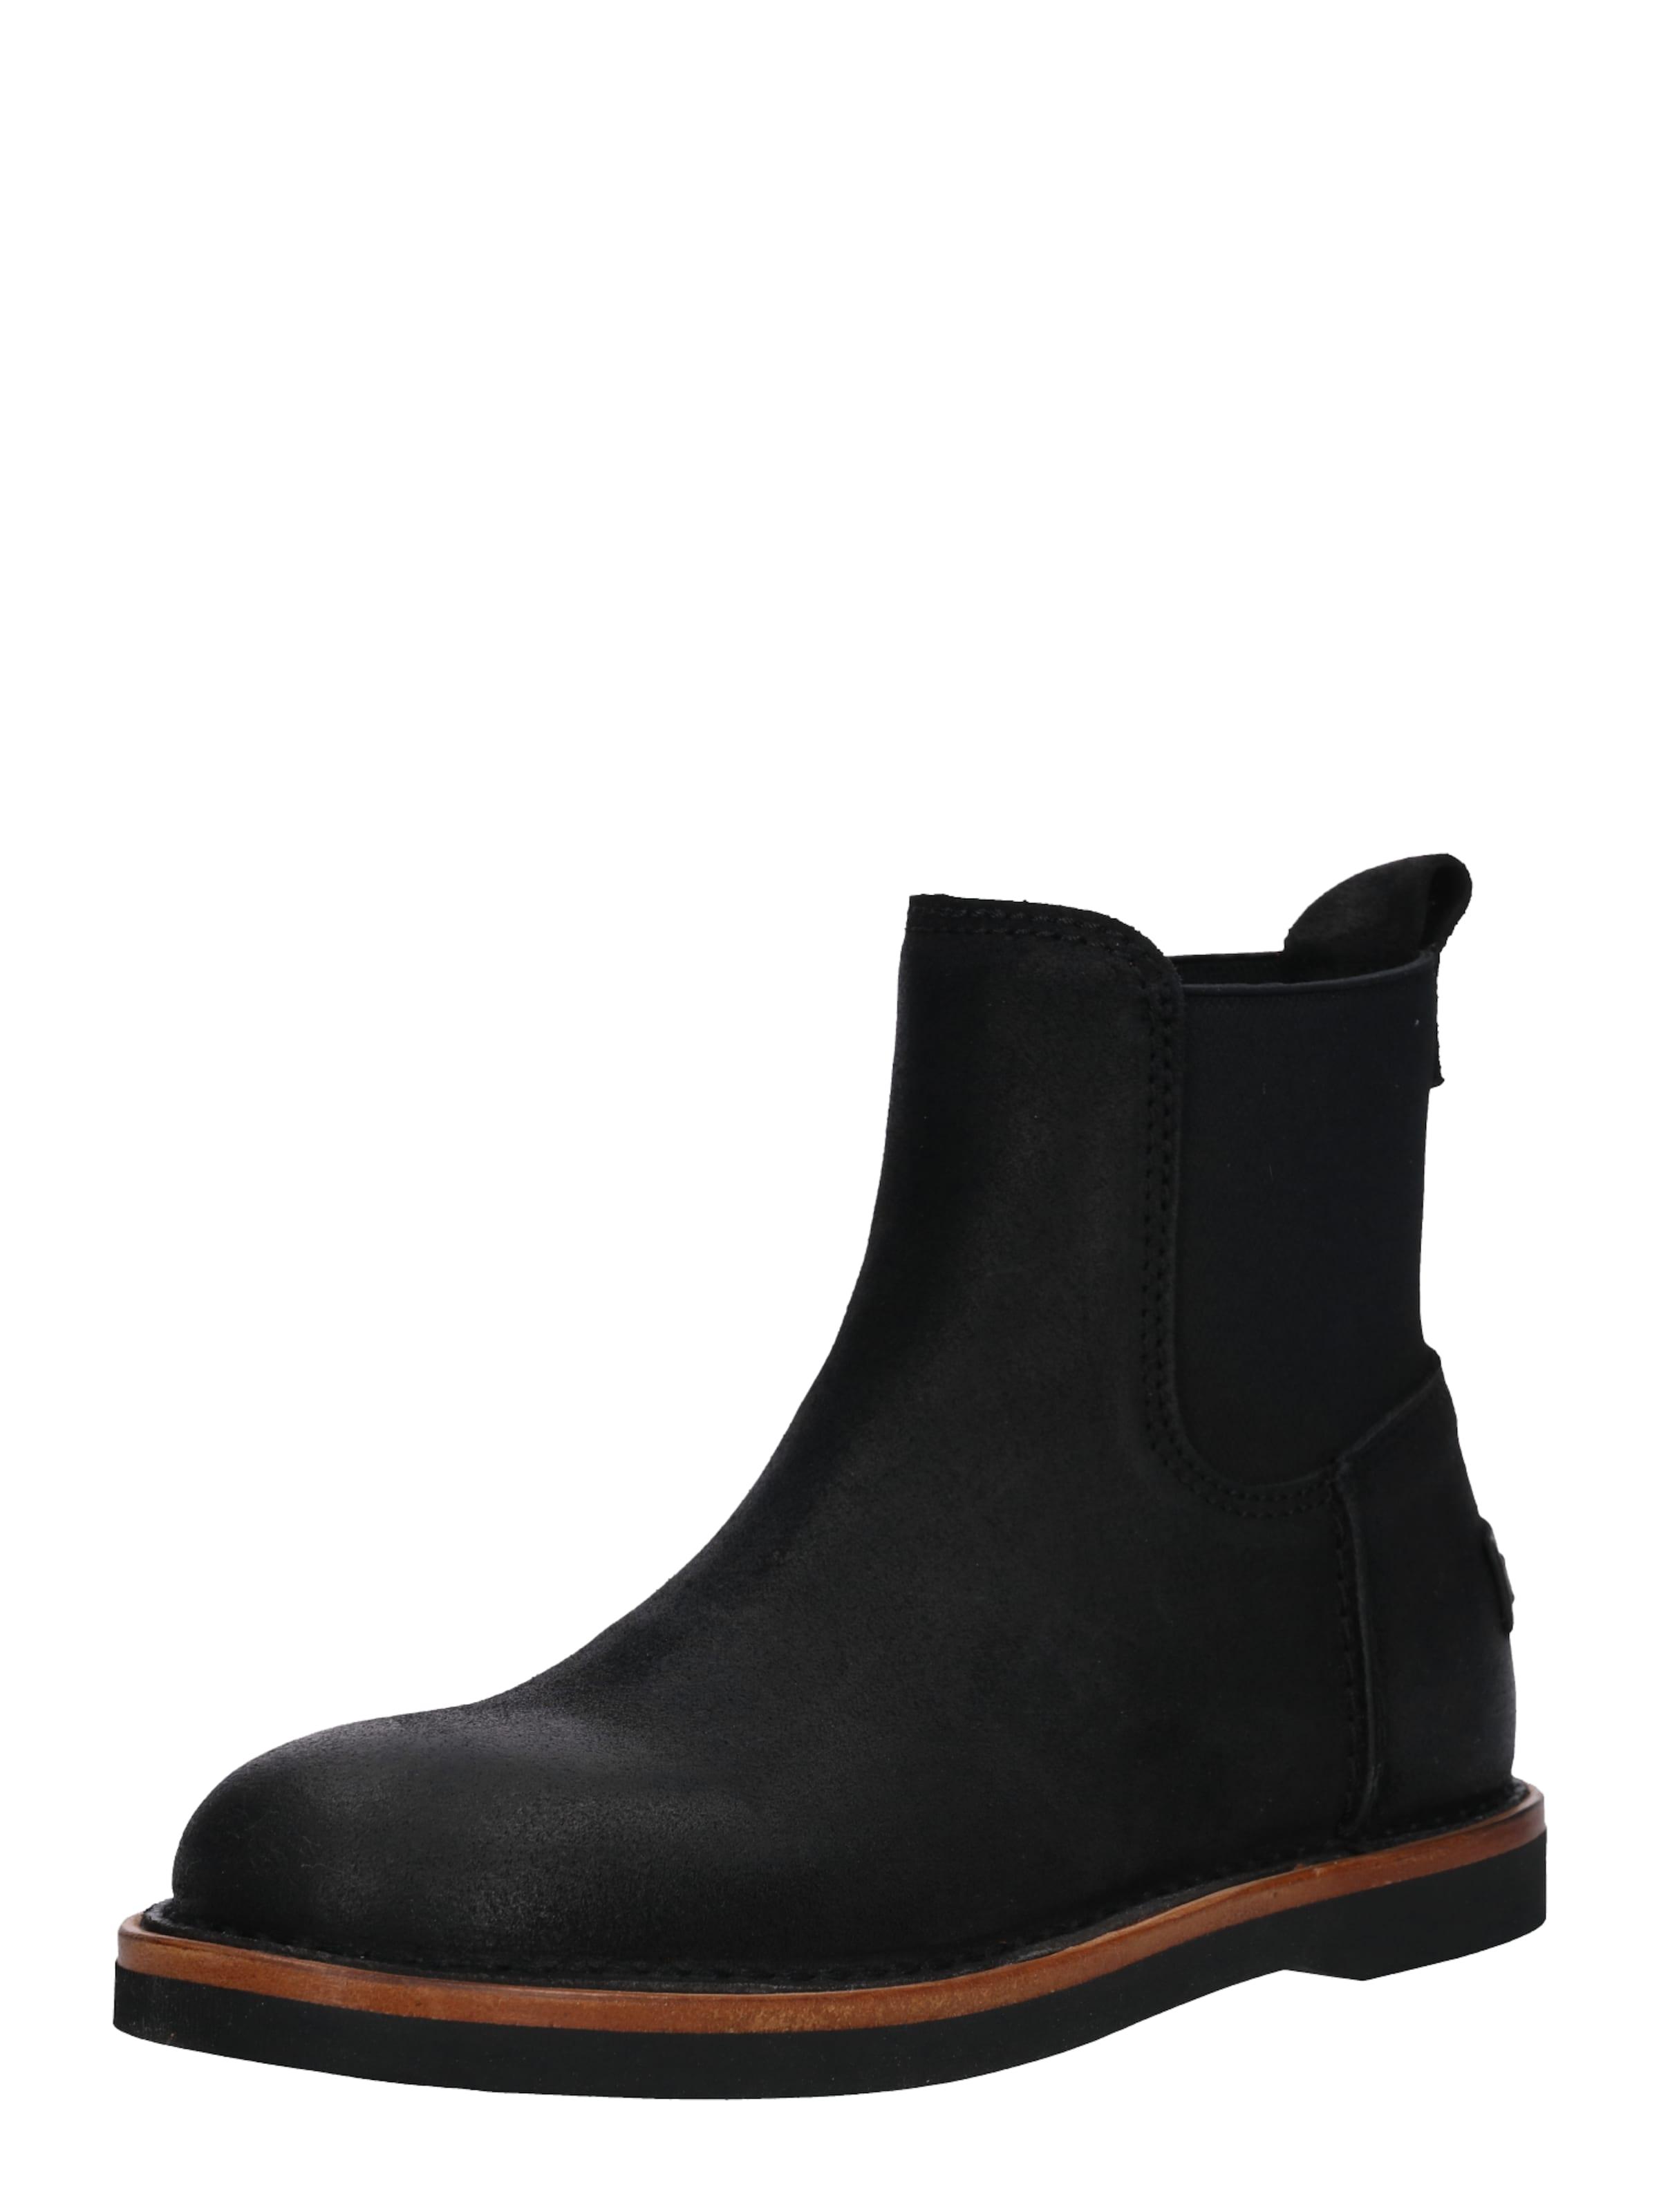 SHABBIES AMSTERDAM Chelsea-Boots Günstige und langlebige Schuhe